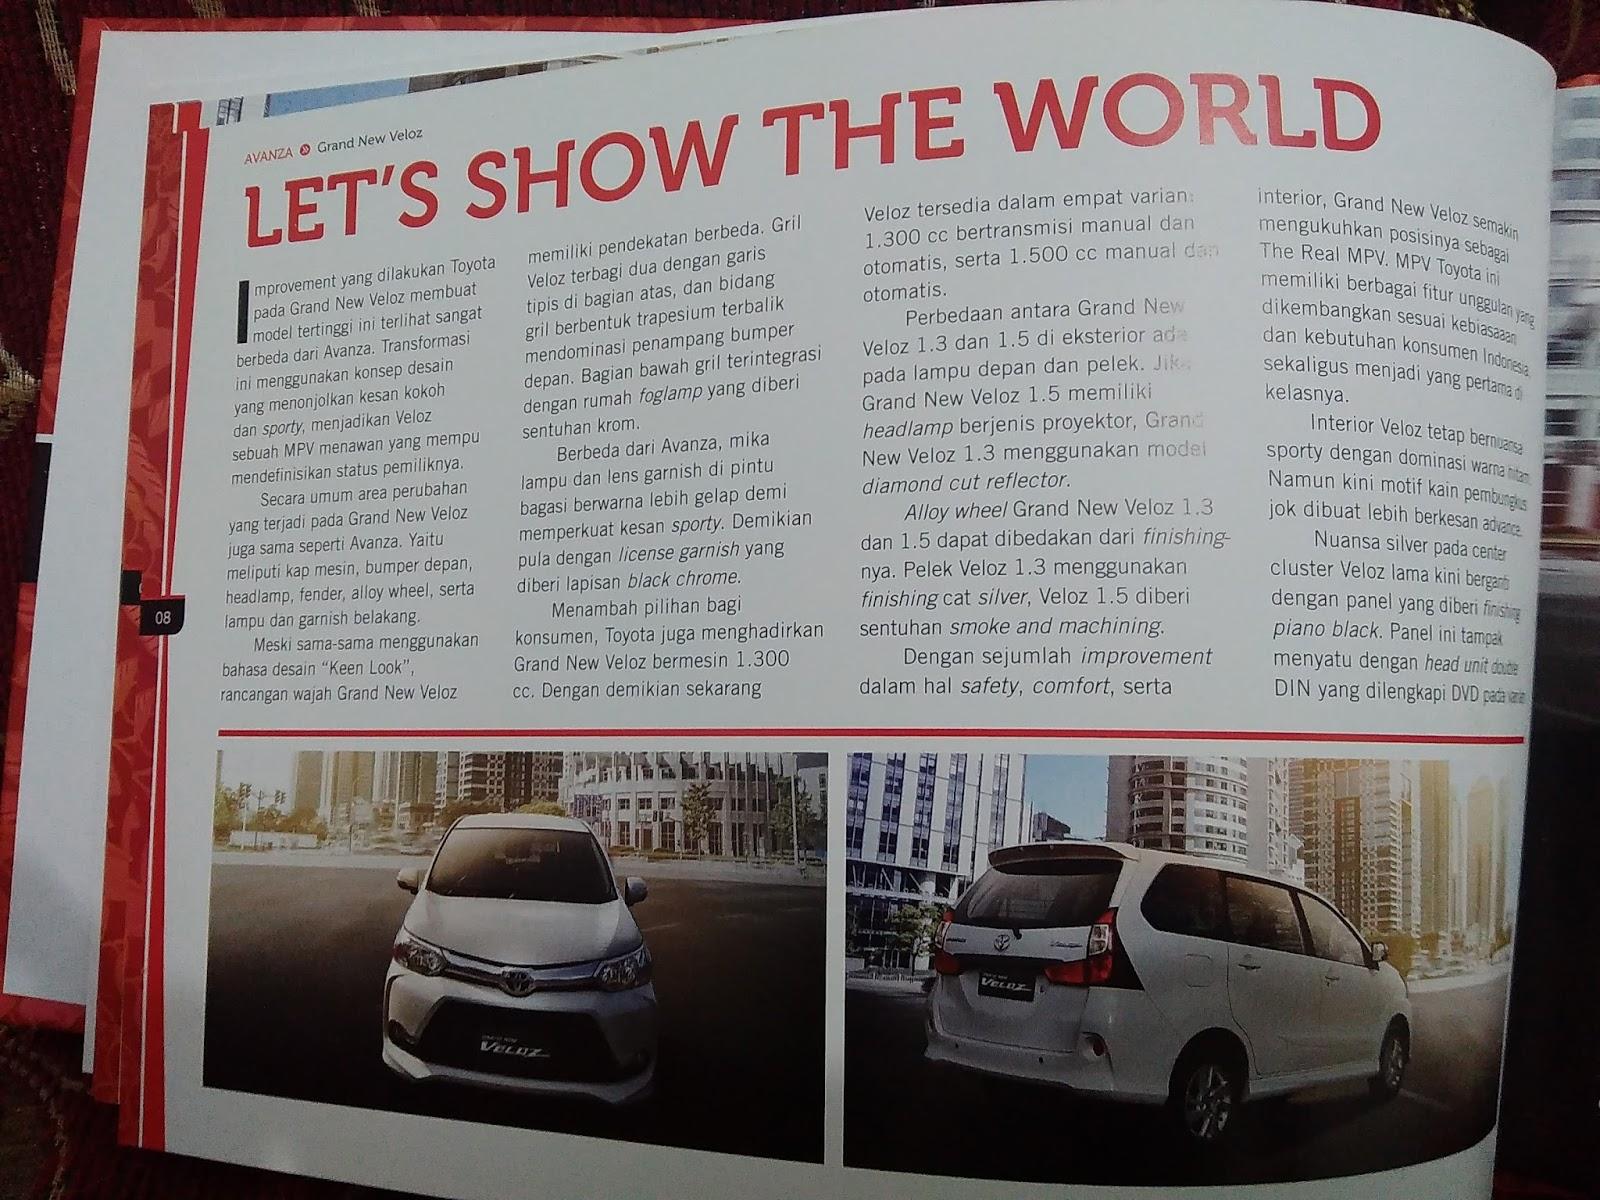 Katalog Grand New Avanza Stop Lamp Led Veloz Kornelius Ginting Terpesona Dengan Penampilan Toyota